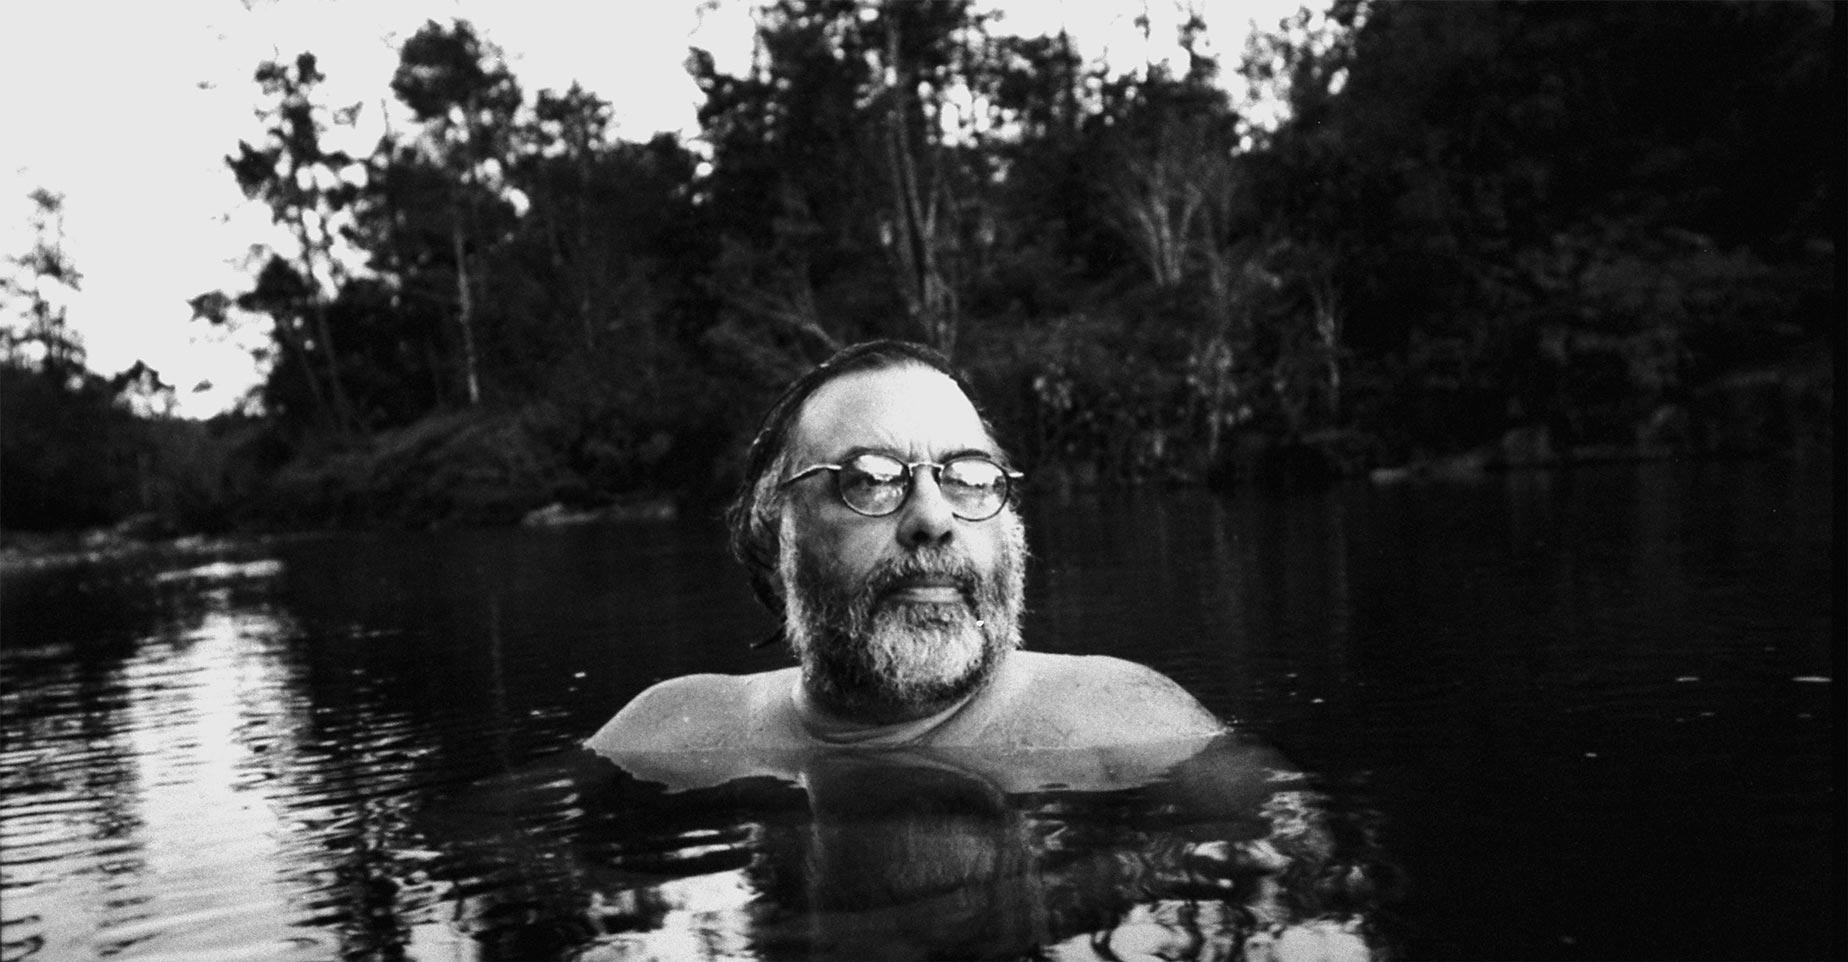 Francis-Ford-Coppola-01a.jpg